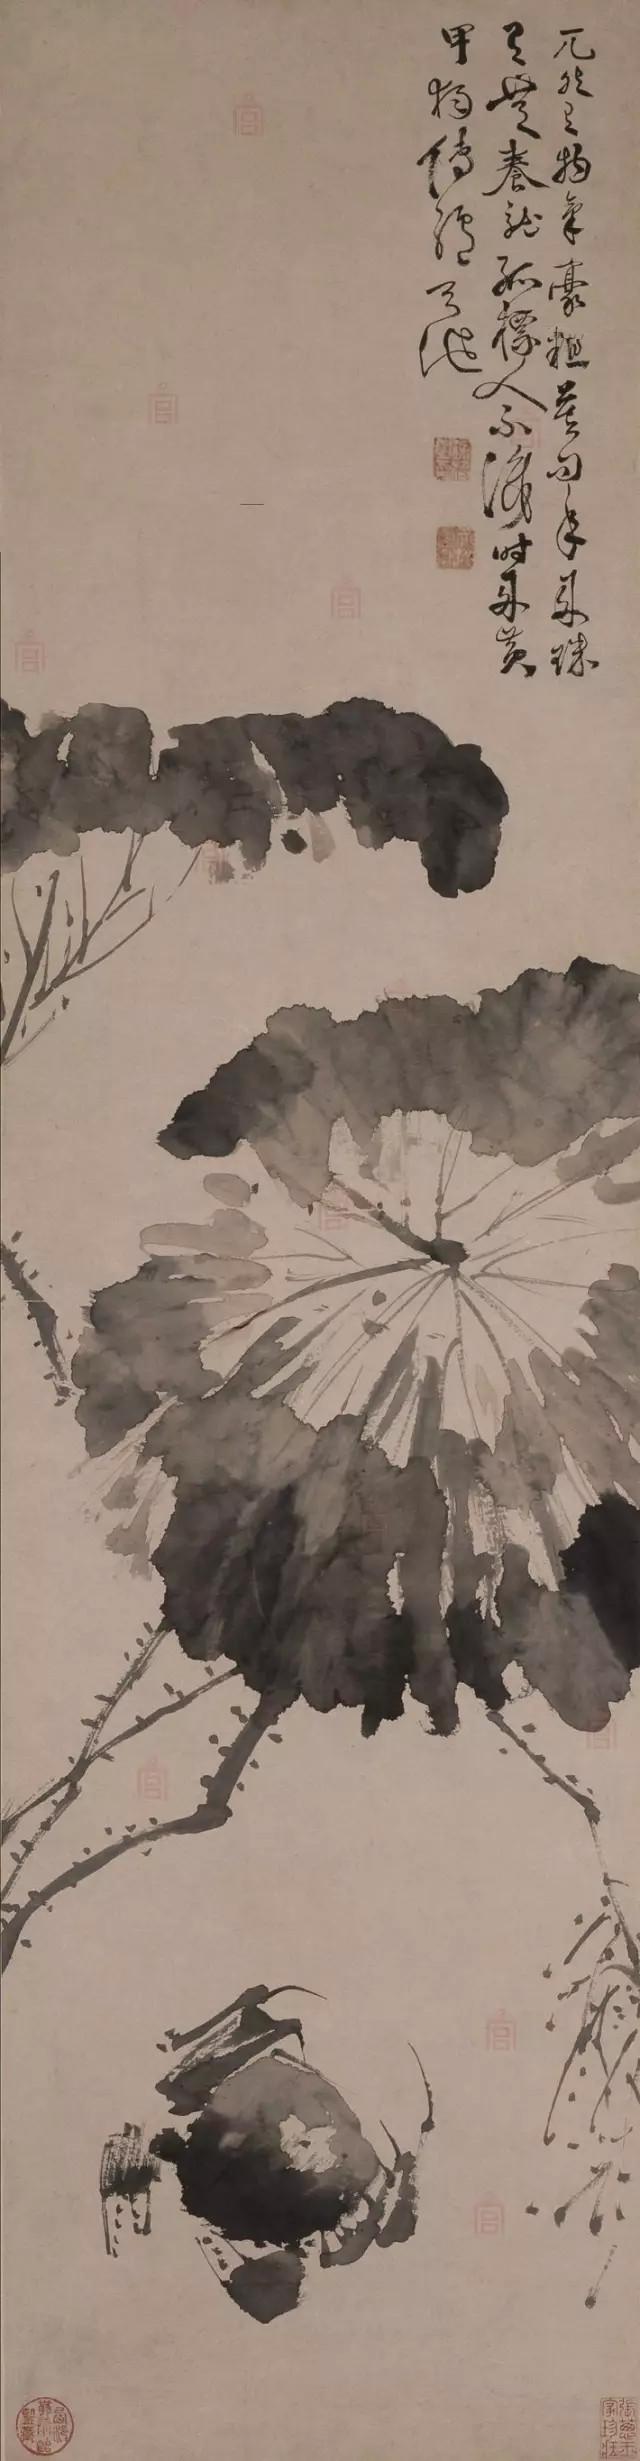 徐渭 黄甲图 纸本墨笔 114.6×29.7cm 北京故宫博物院藏